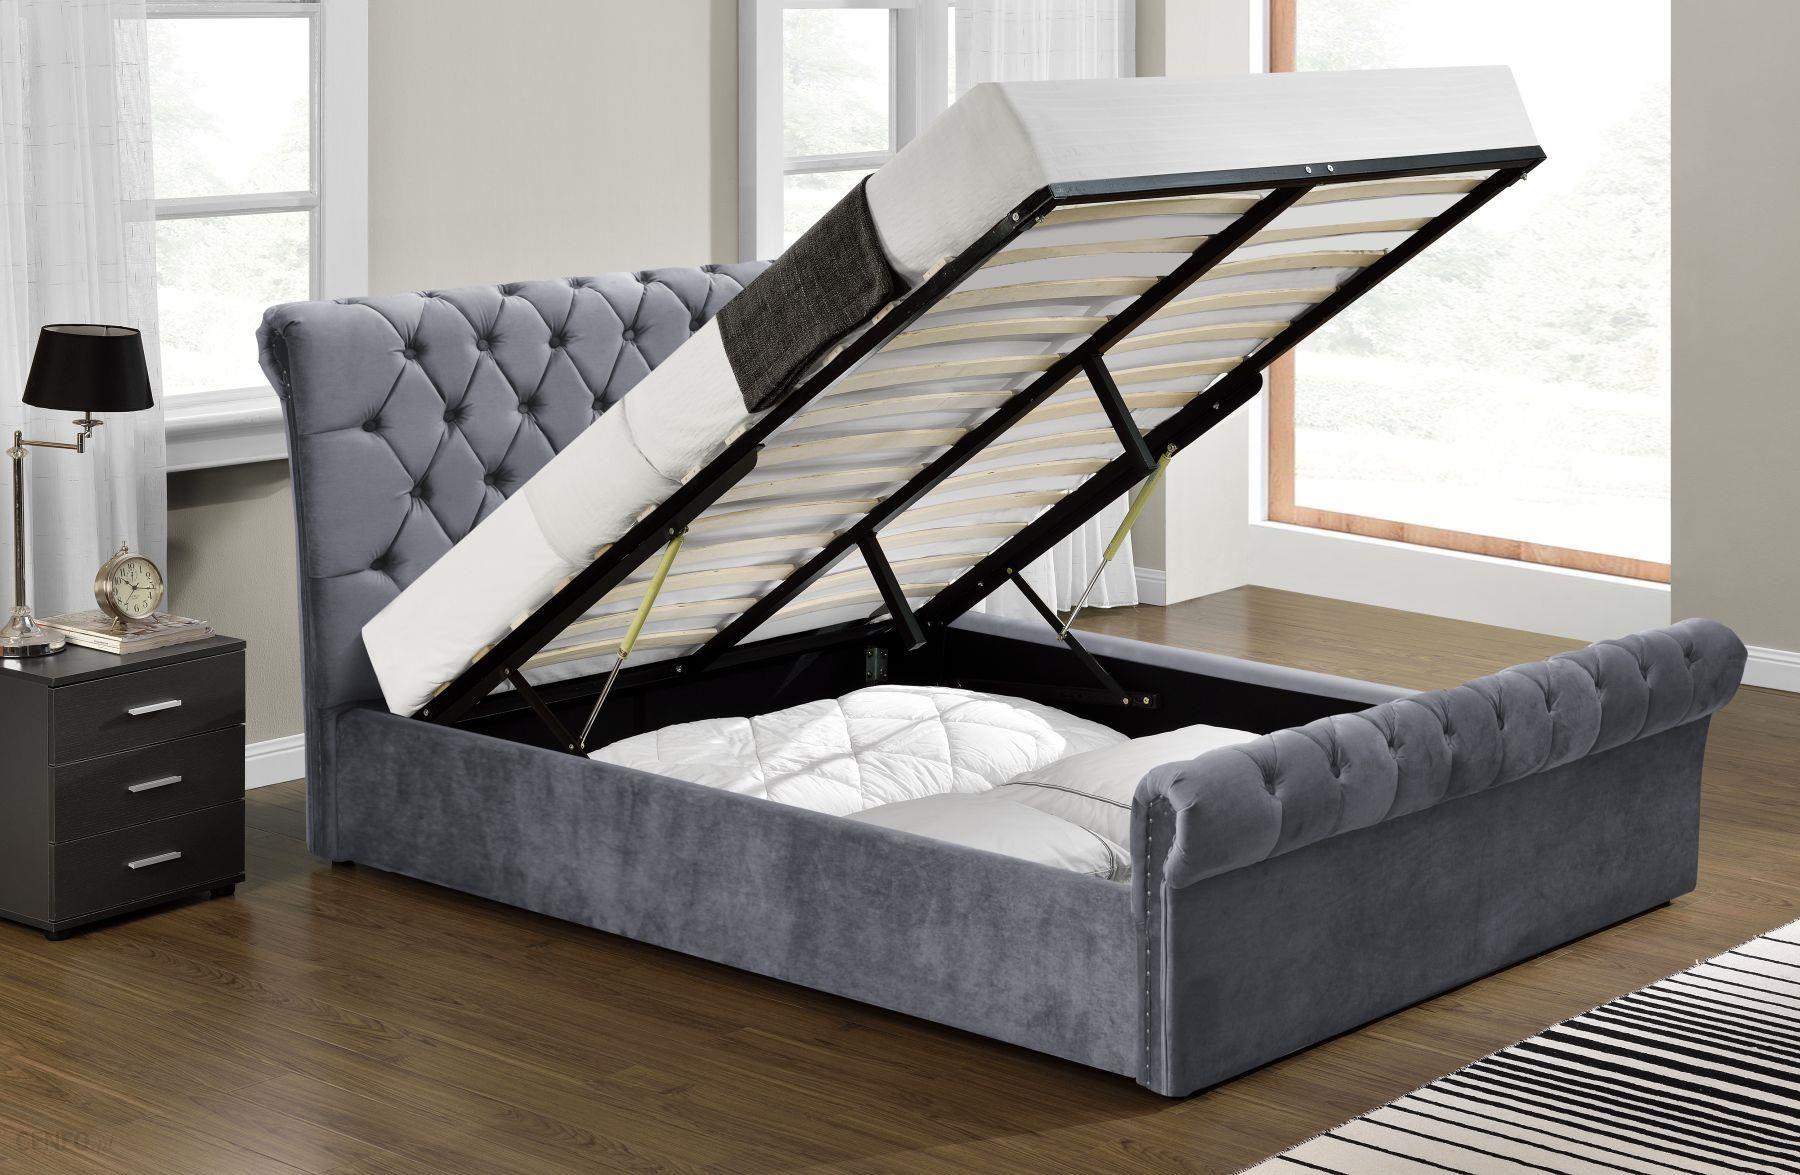 Meblemwm łóżko Tapicerowane 140x200 1298g Welur Z Materacem